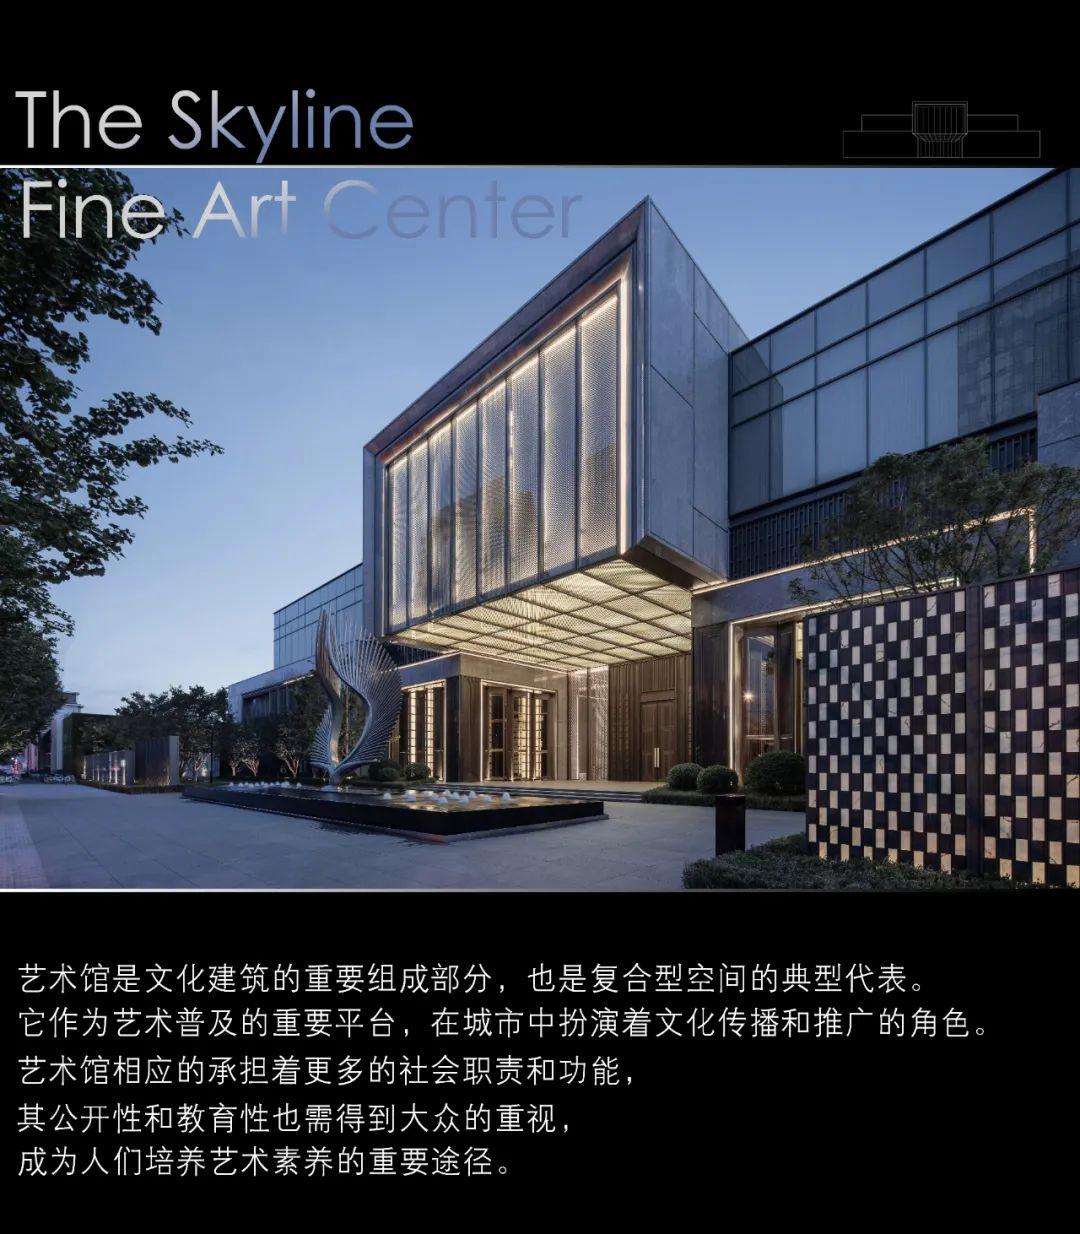 沈阳龙湖天奕 建筑设计 /  上海成执